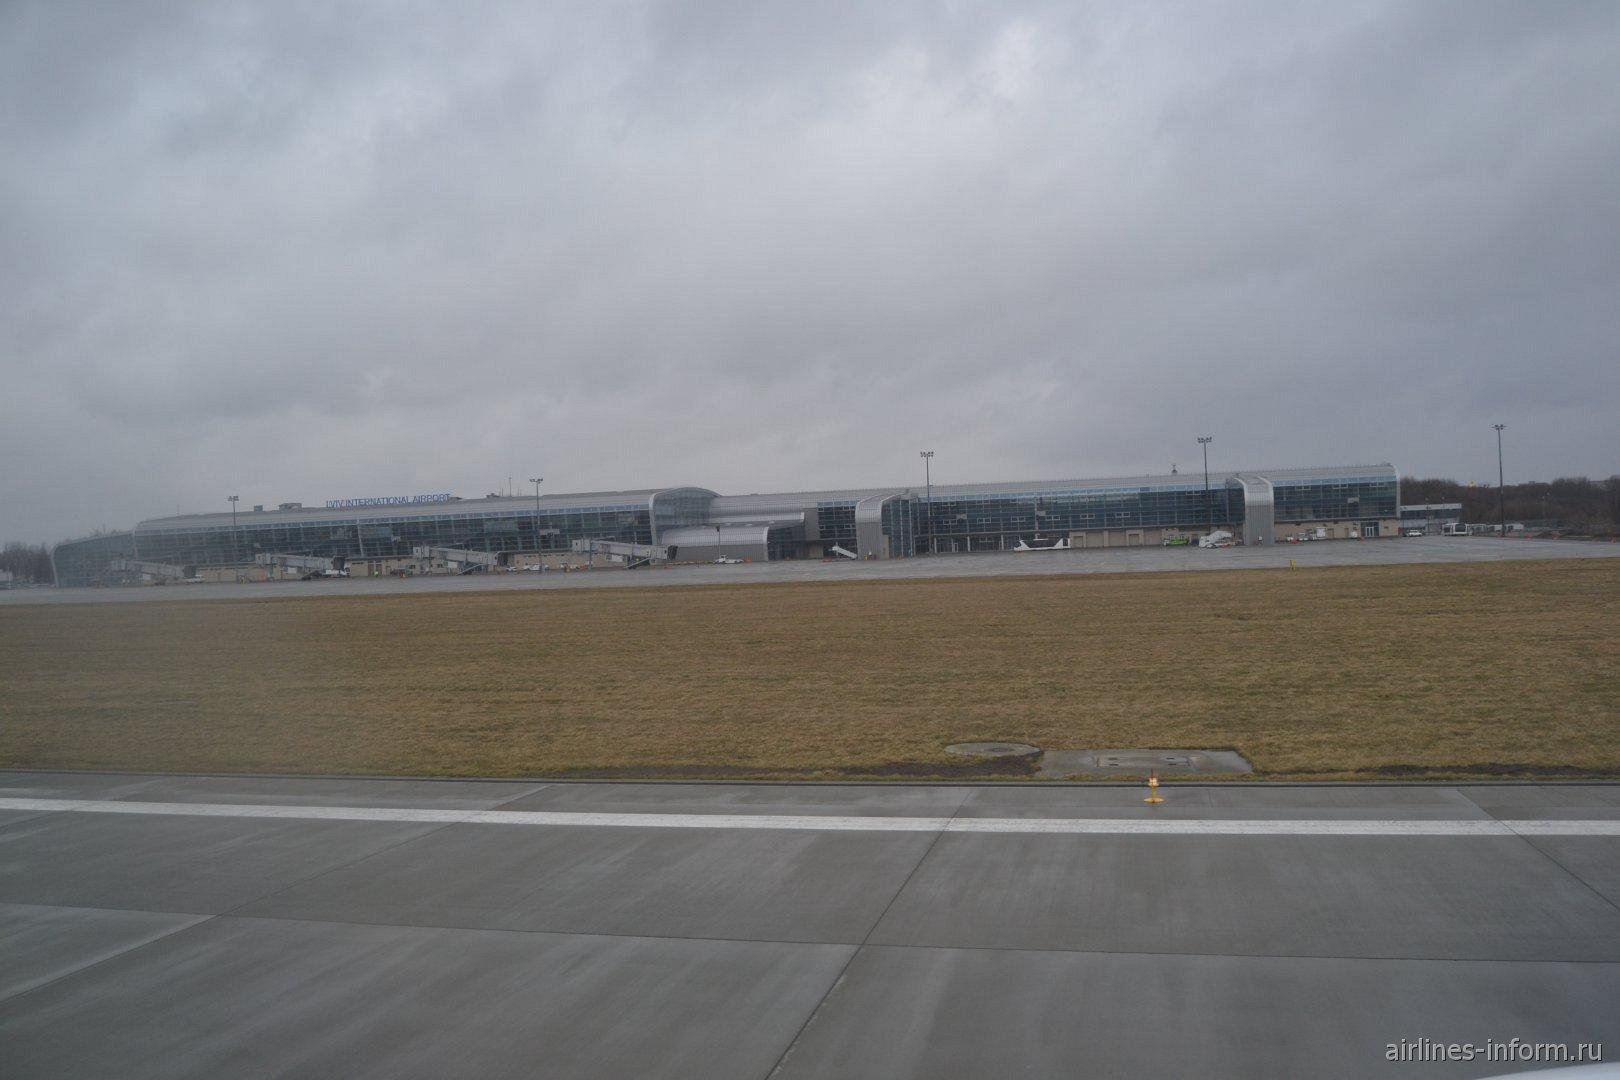 Пассажирский терминал аэропорт Львов имени Данилы Галицкого